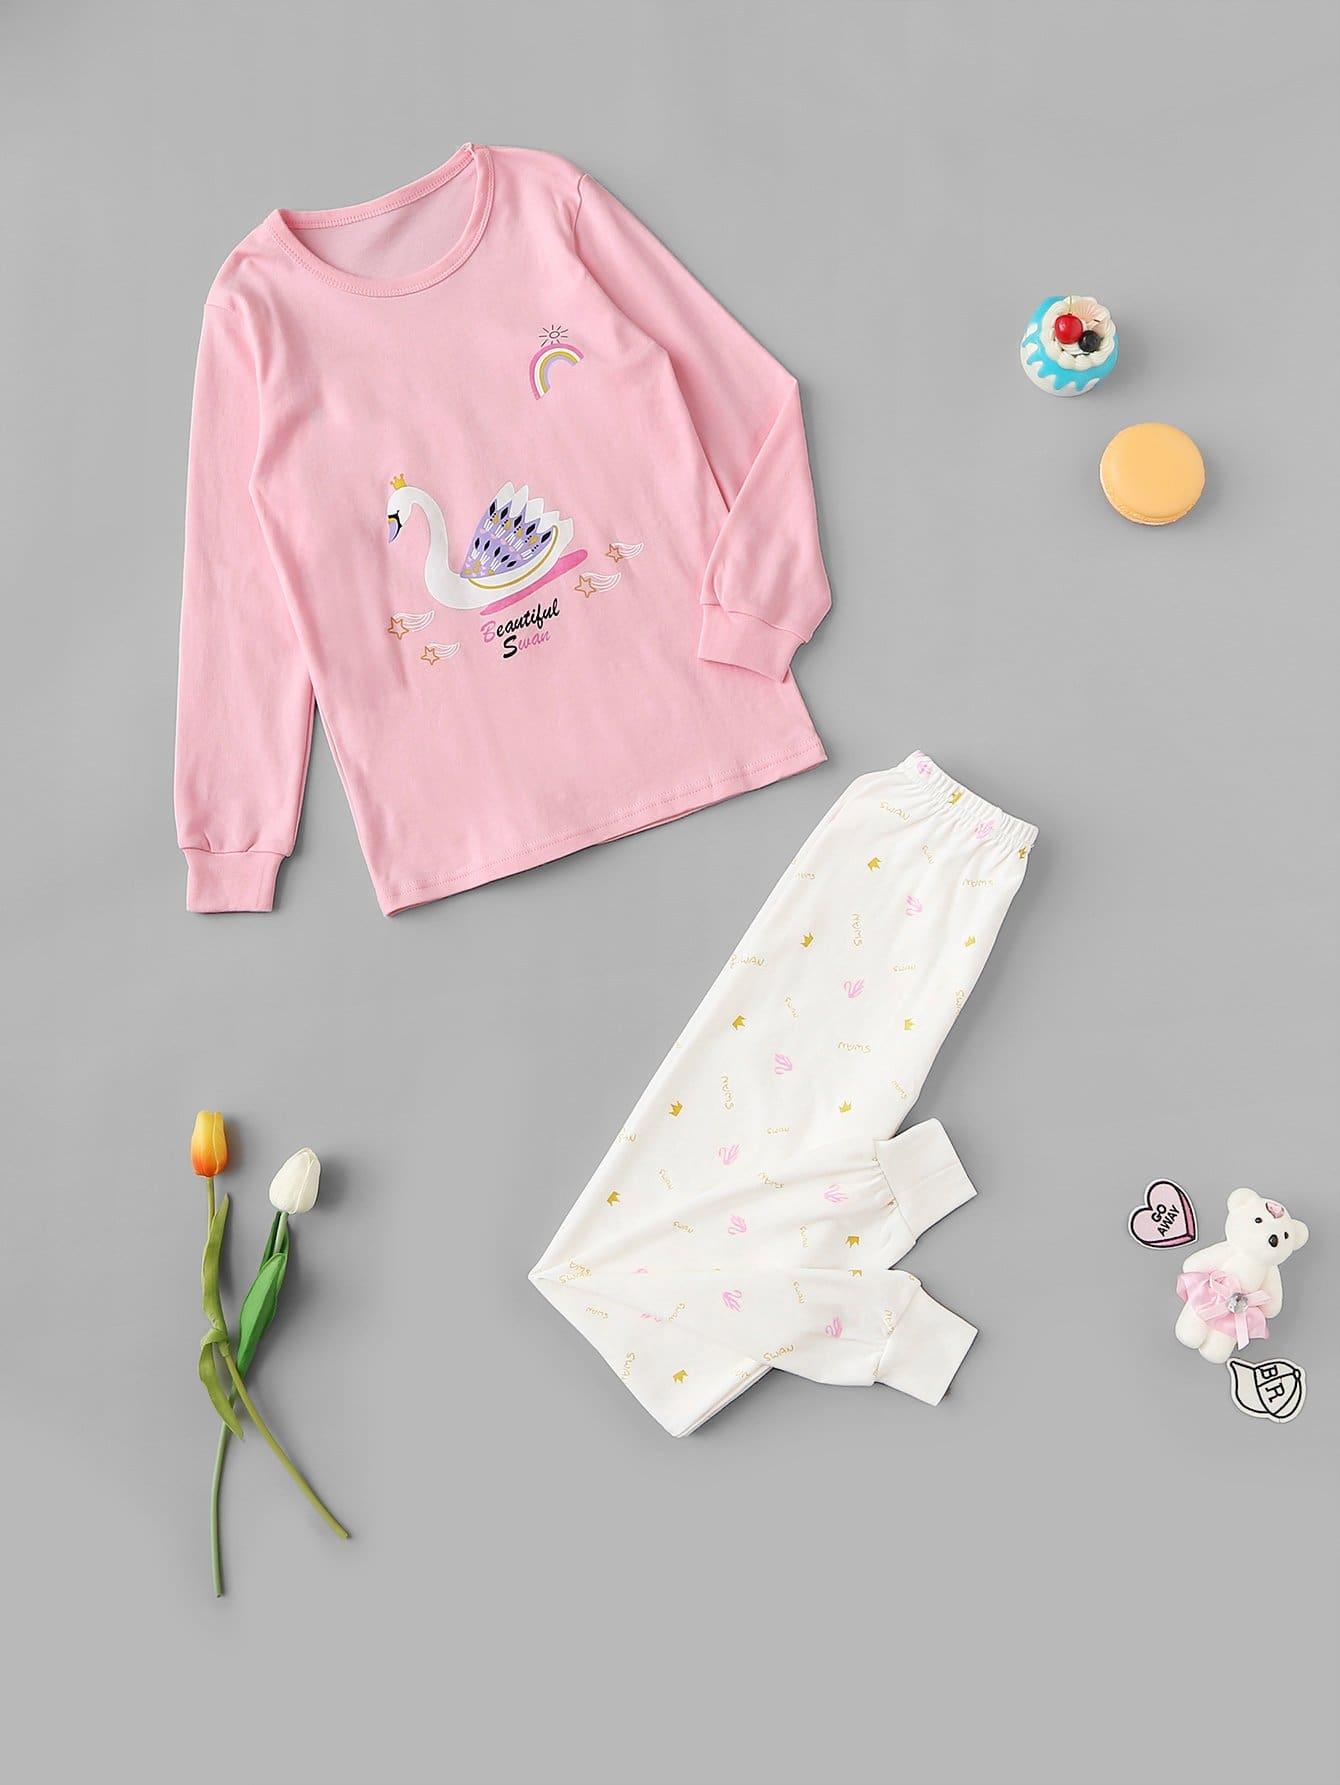 Пижама с принтом лебедя и короники для девочек от SheIn